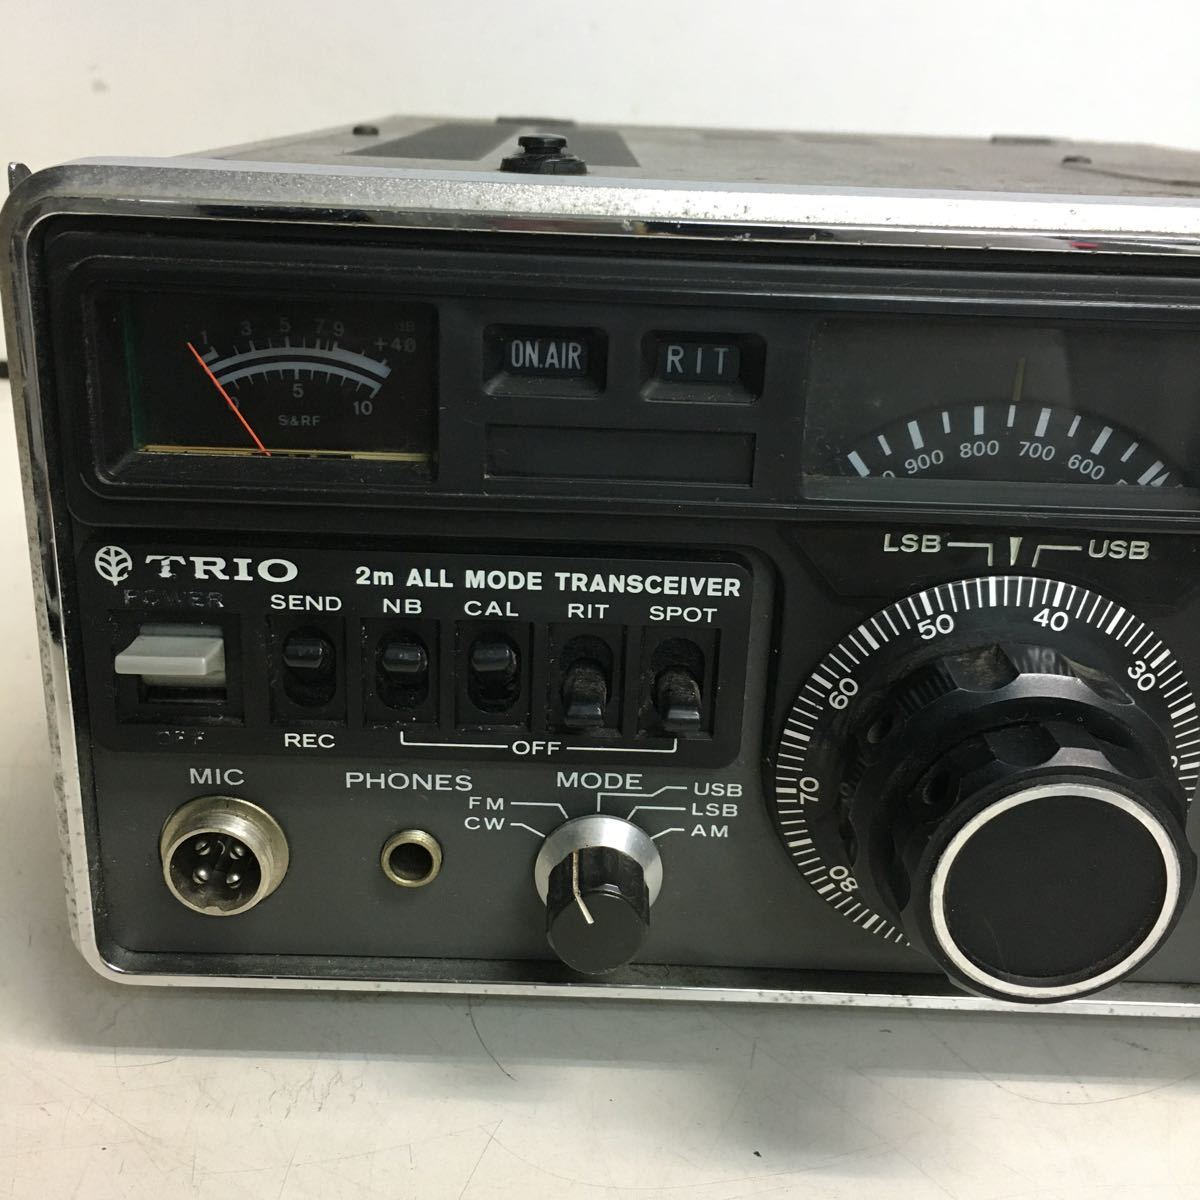 E066 TRIO トリオ TS-700 トランシーバー アマチュア無線機/本体のみ ジャンク品_画像7